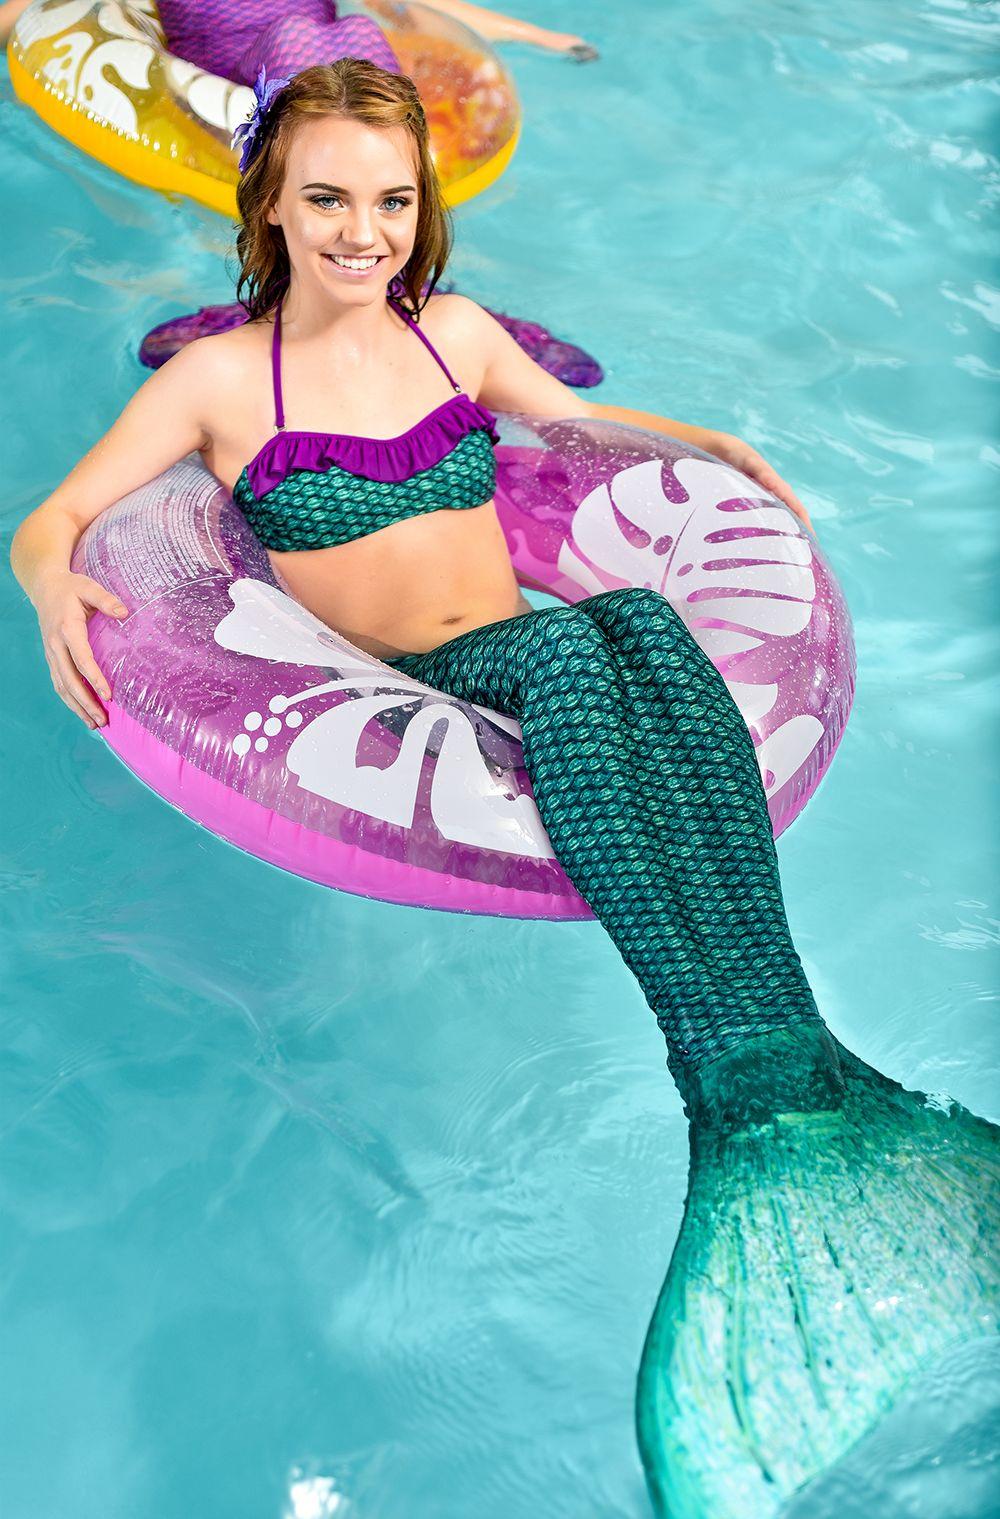 brynn u0027s celtic green mermaid tail for kids u0026 adults by fin fun